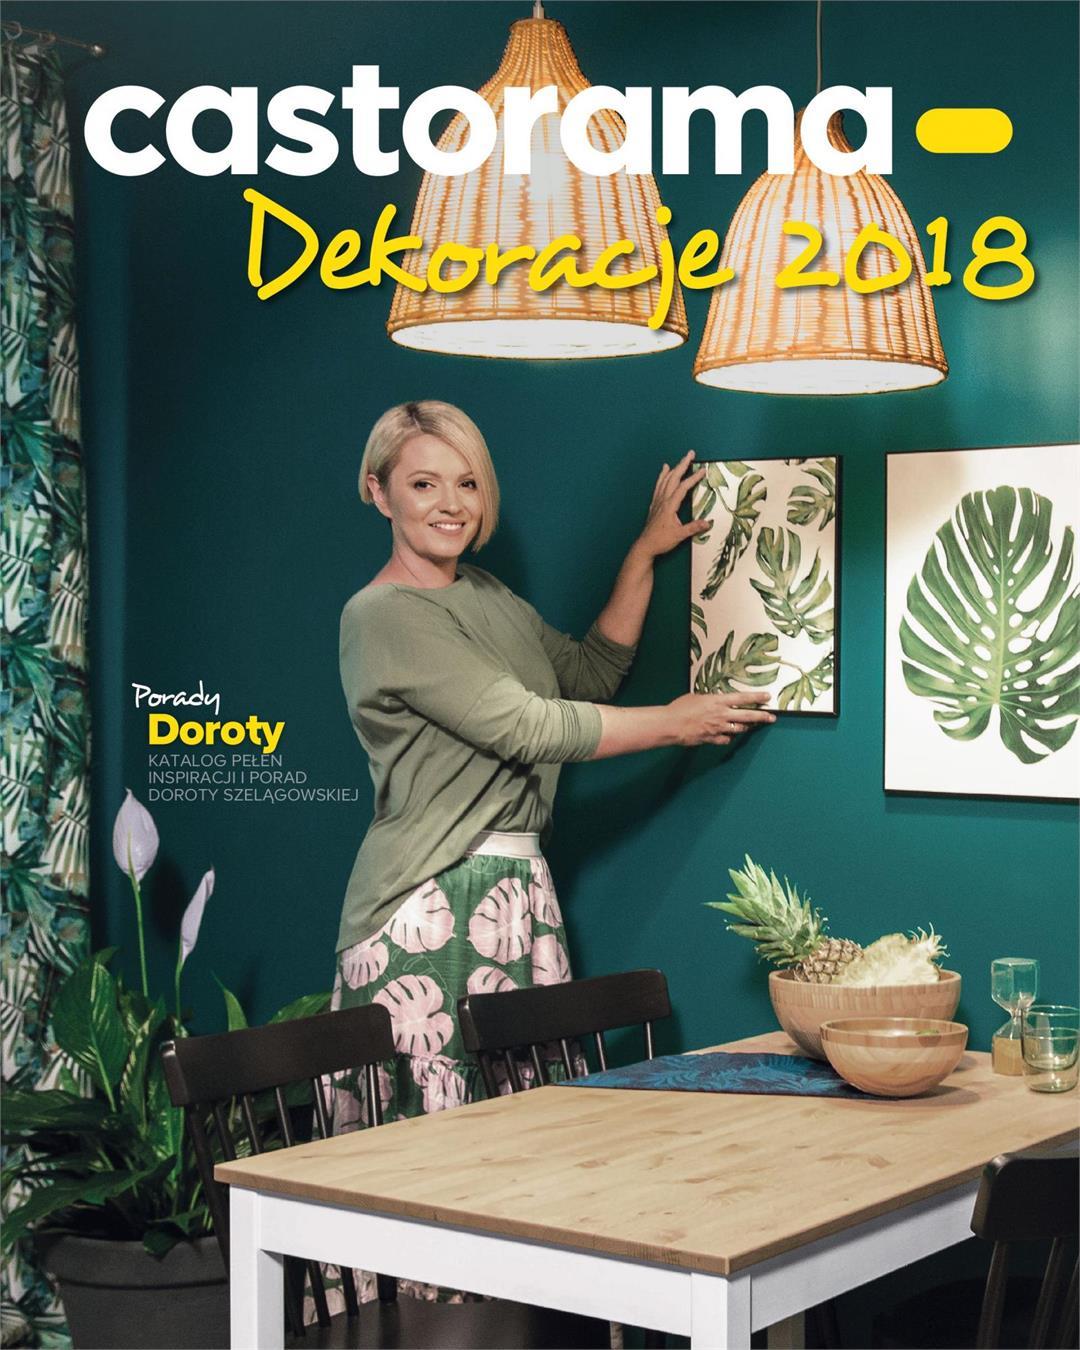 Gazetka Promocyjna Castoramapl Dekoracje 2018 Wrzesień